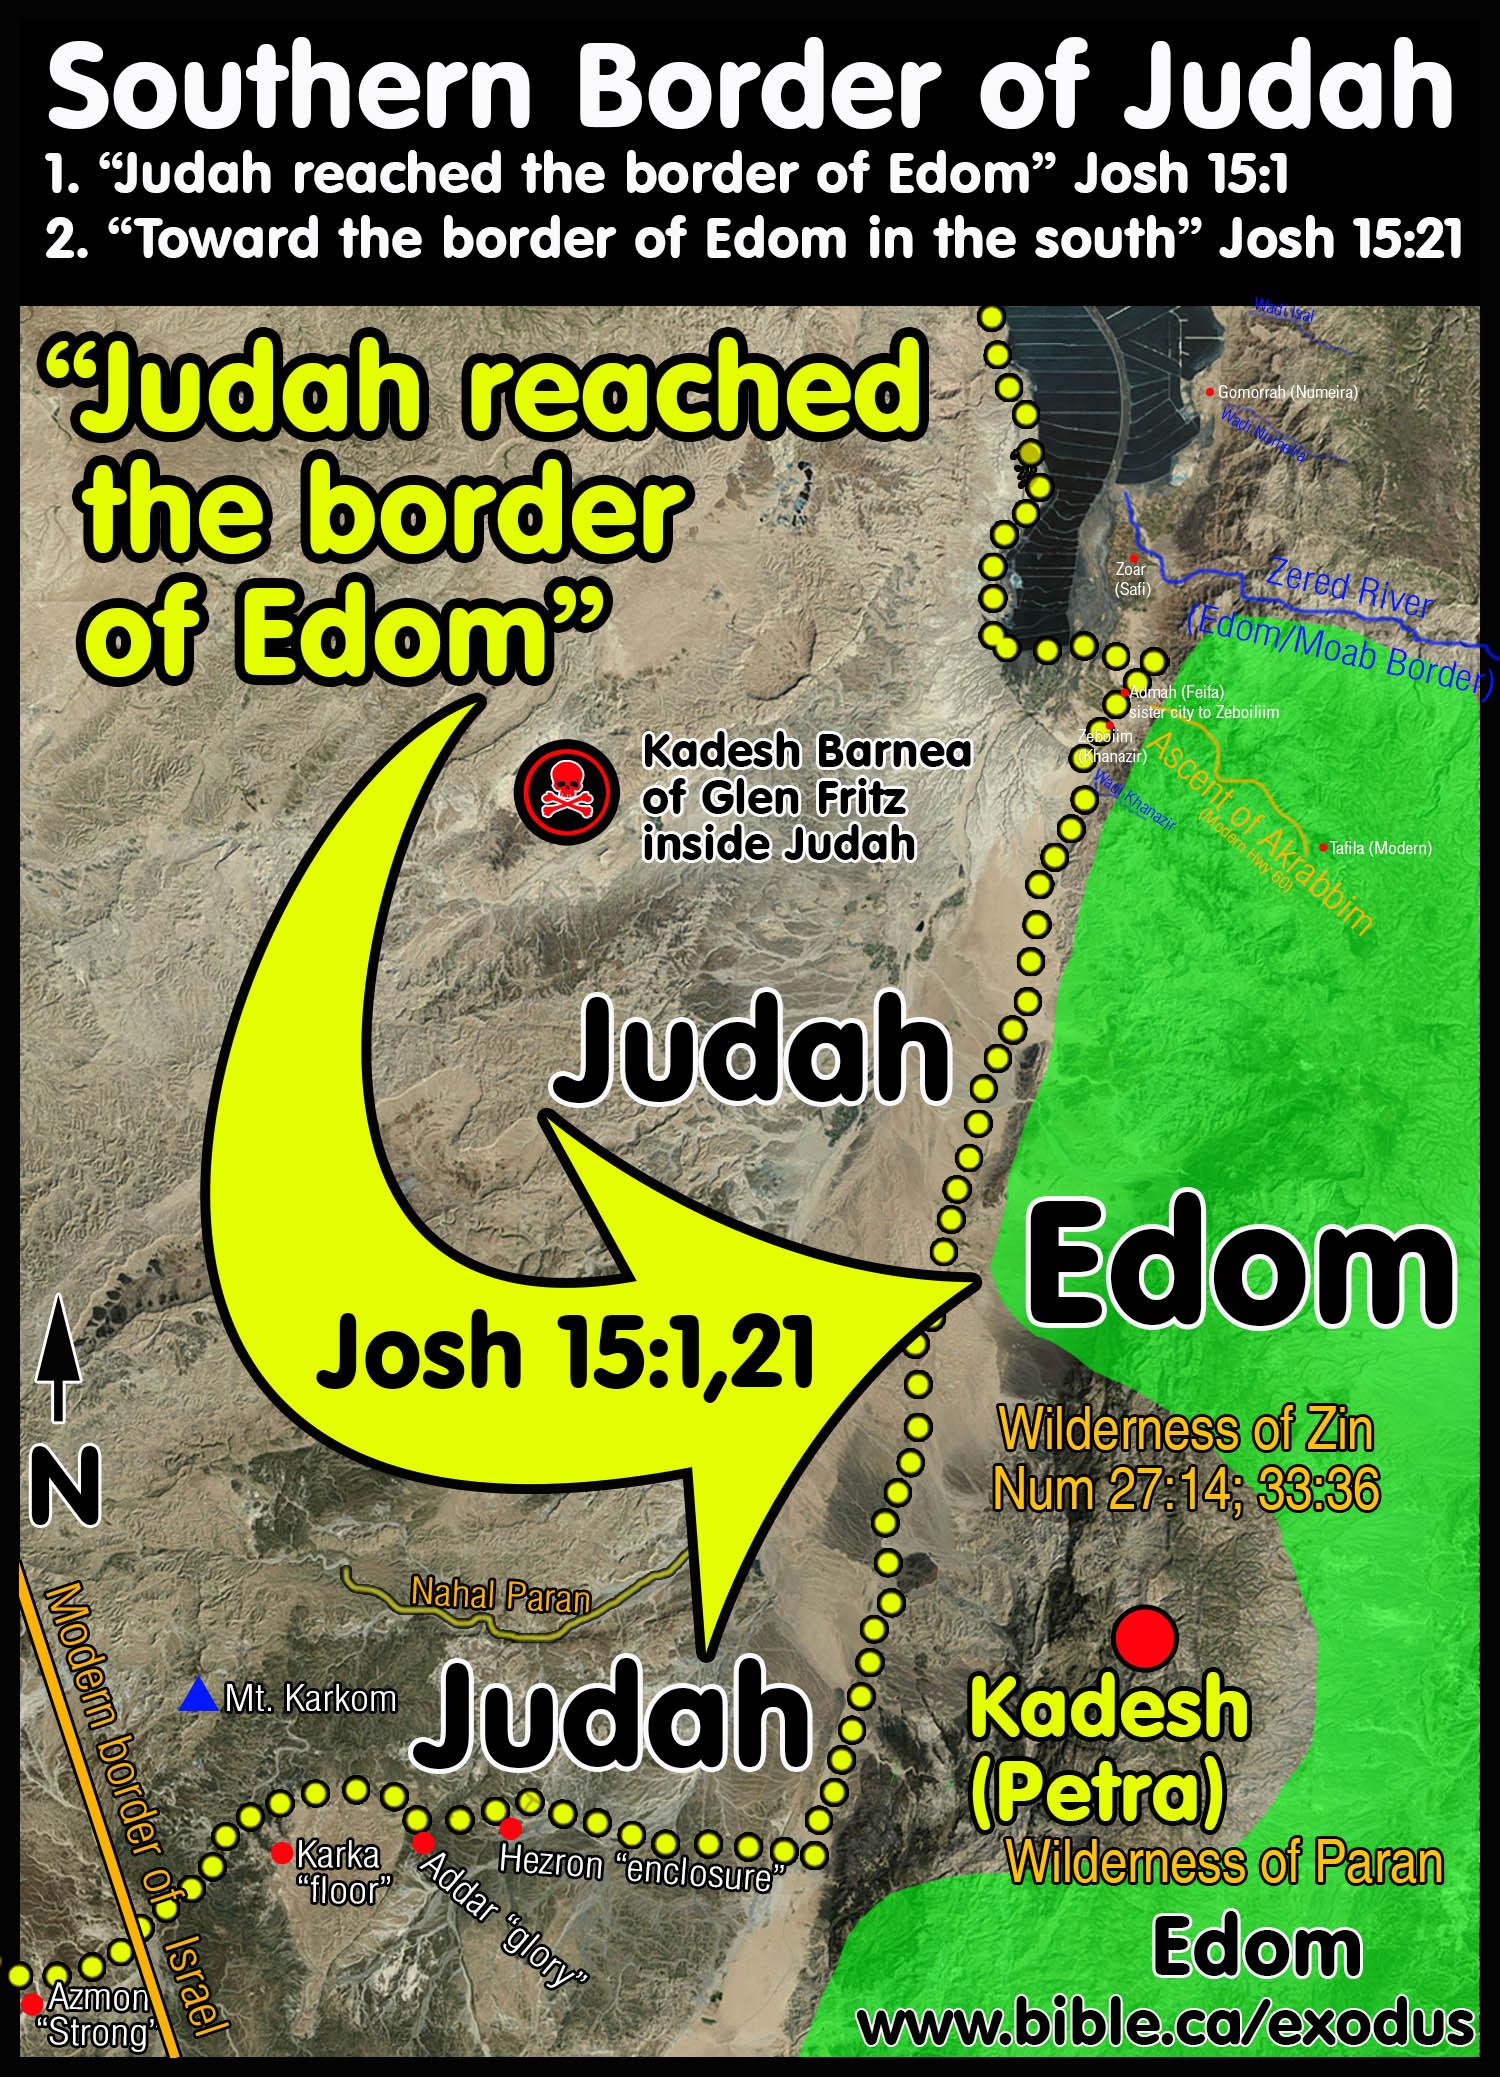 The Southern Border Of Judah And Kadesh Barnea At Petra